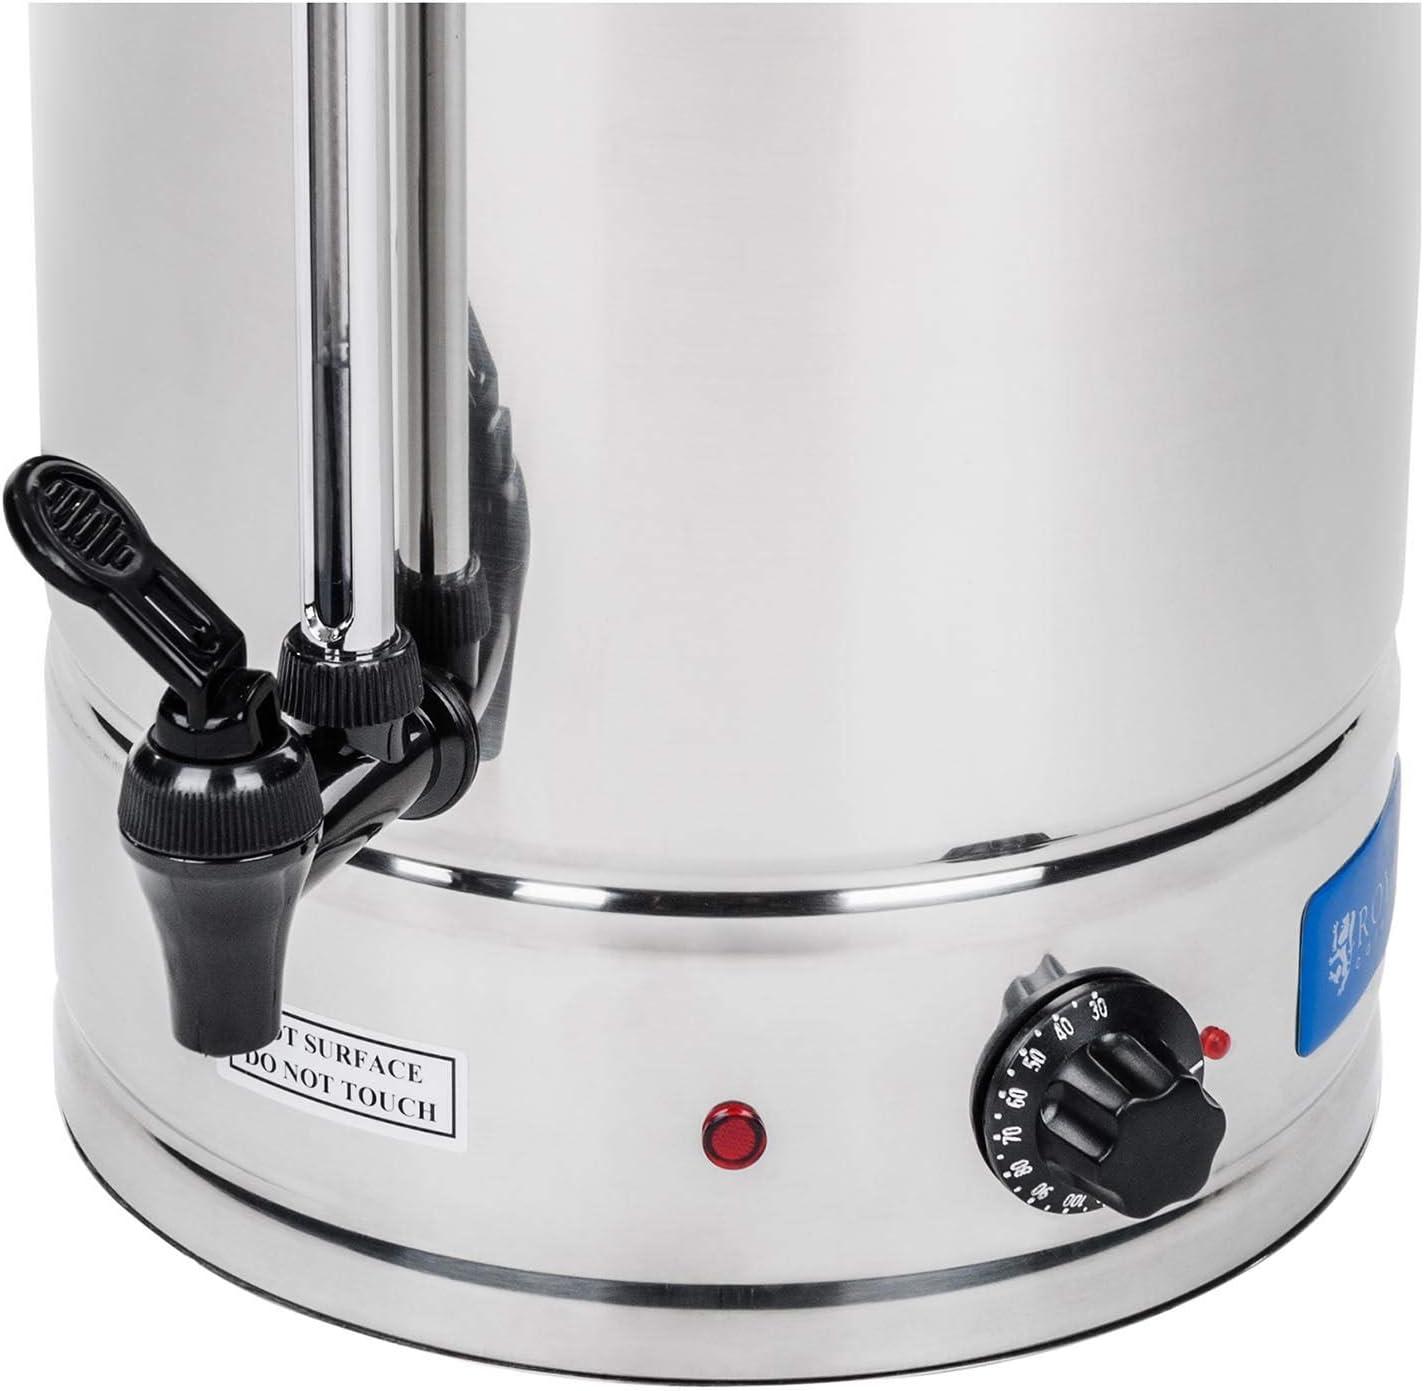 Indicator de nivel Hevidor de agua de 10 Litros 100 /°C 62 Tazas Royal Catering RCWK 10L 2000 W Grifo max